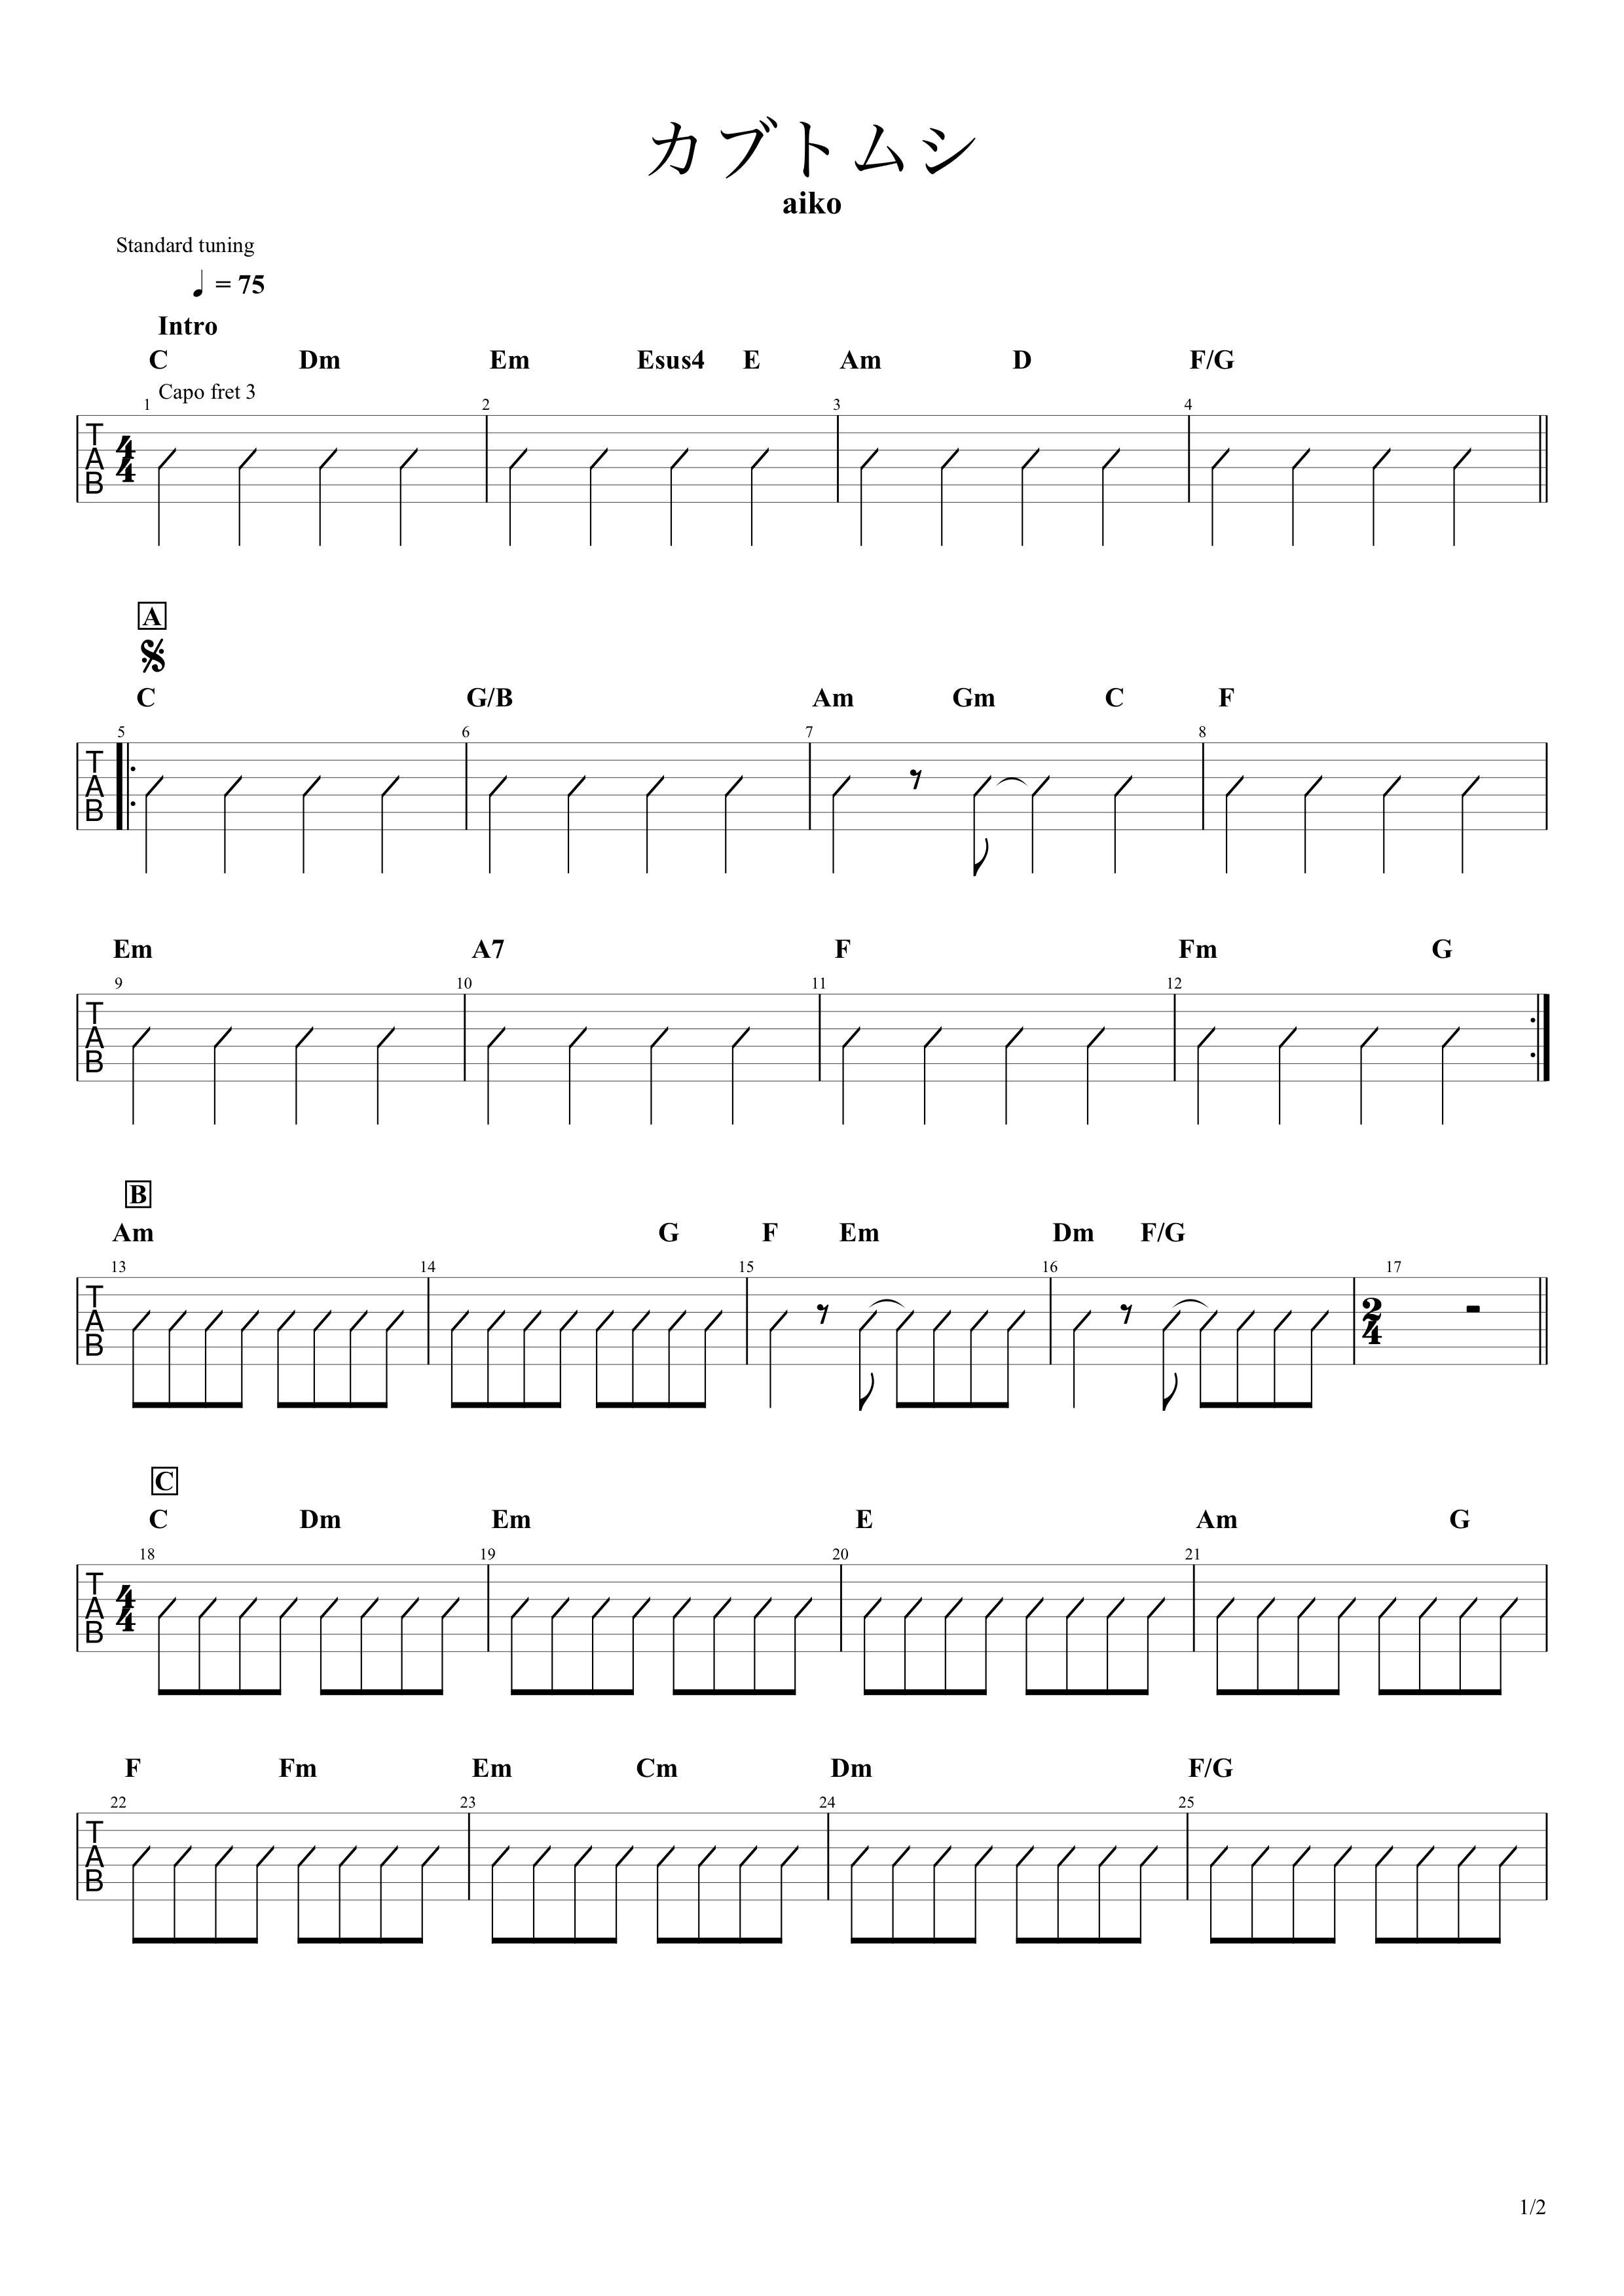 カブトムシ コード Aiko コード分析(aiko「カブトムシ」編)